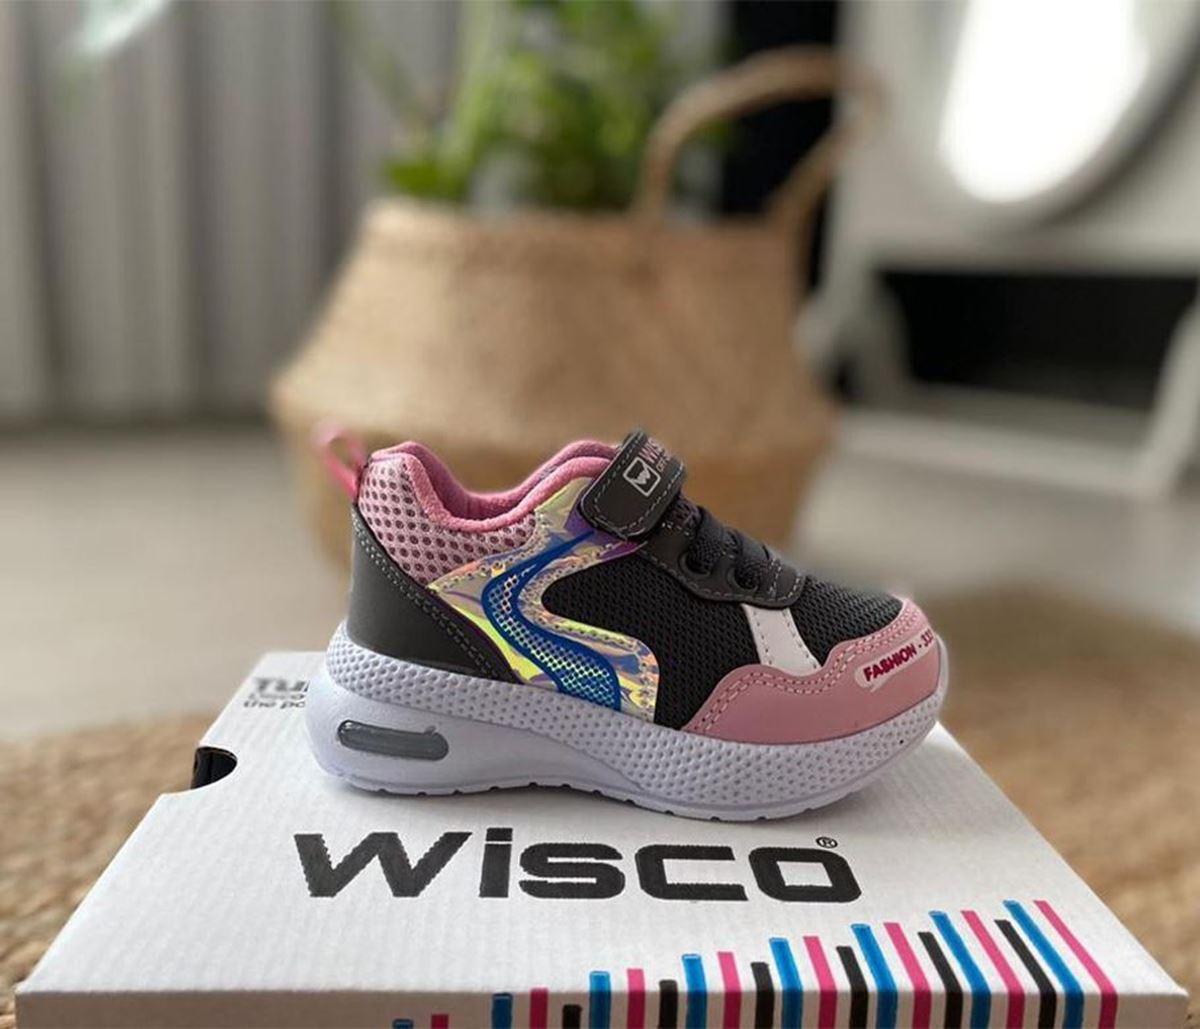 018 Wisco Bebek Ayakkabı resmi